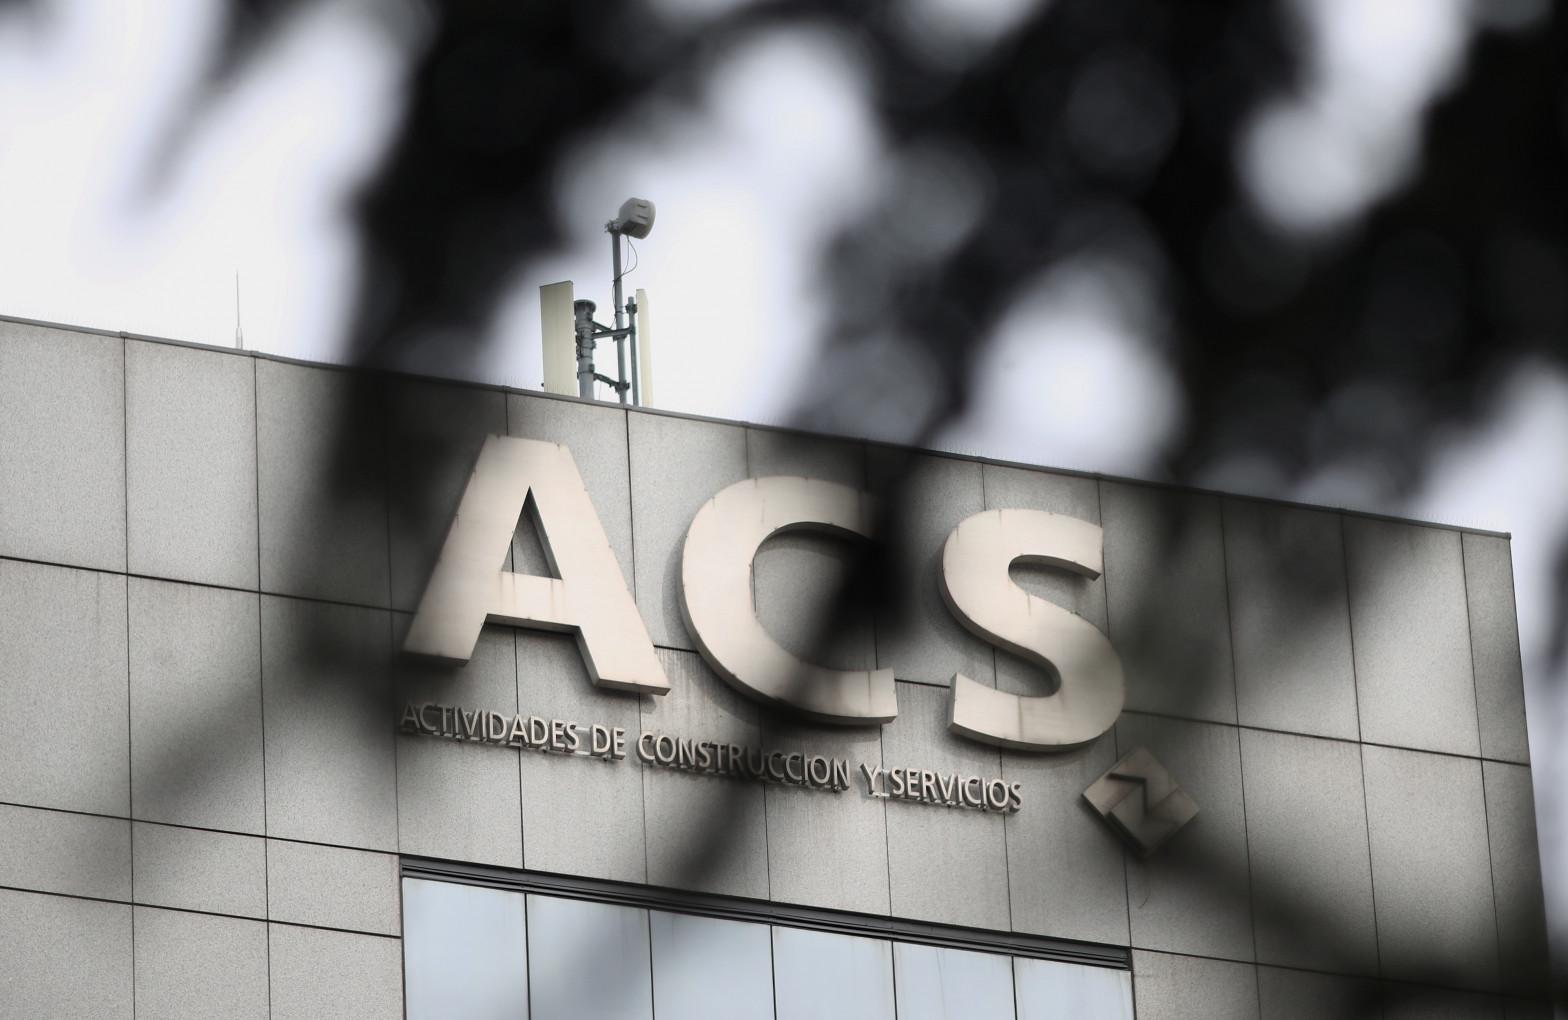 ACS ganó 7,5 millones con la OPA del capital riesgo sobre MásMóvil